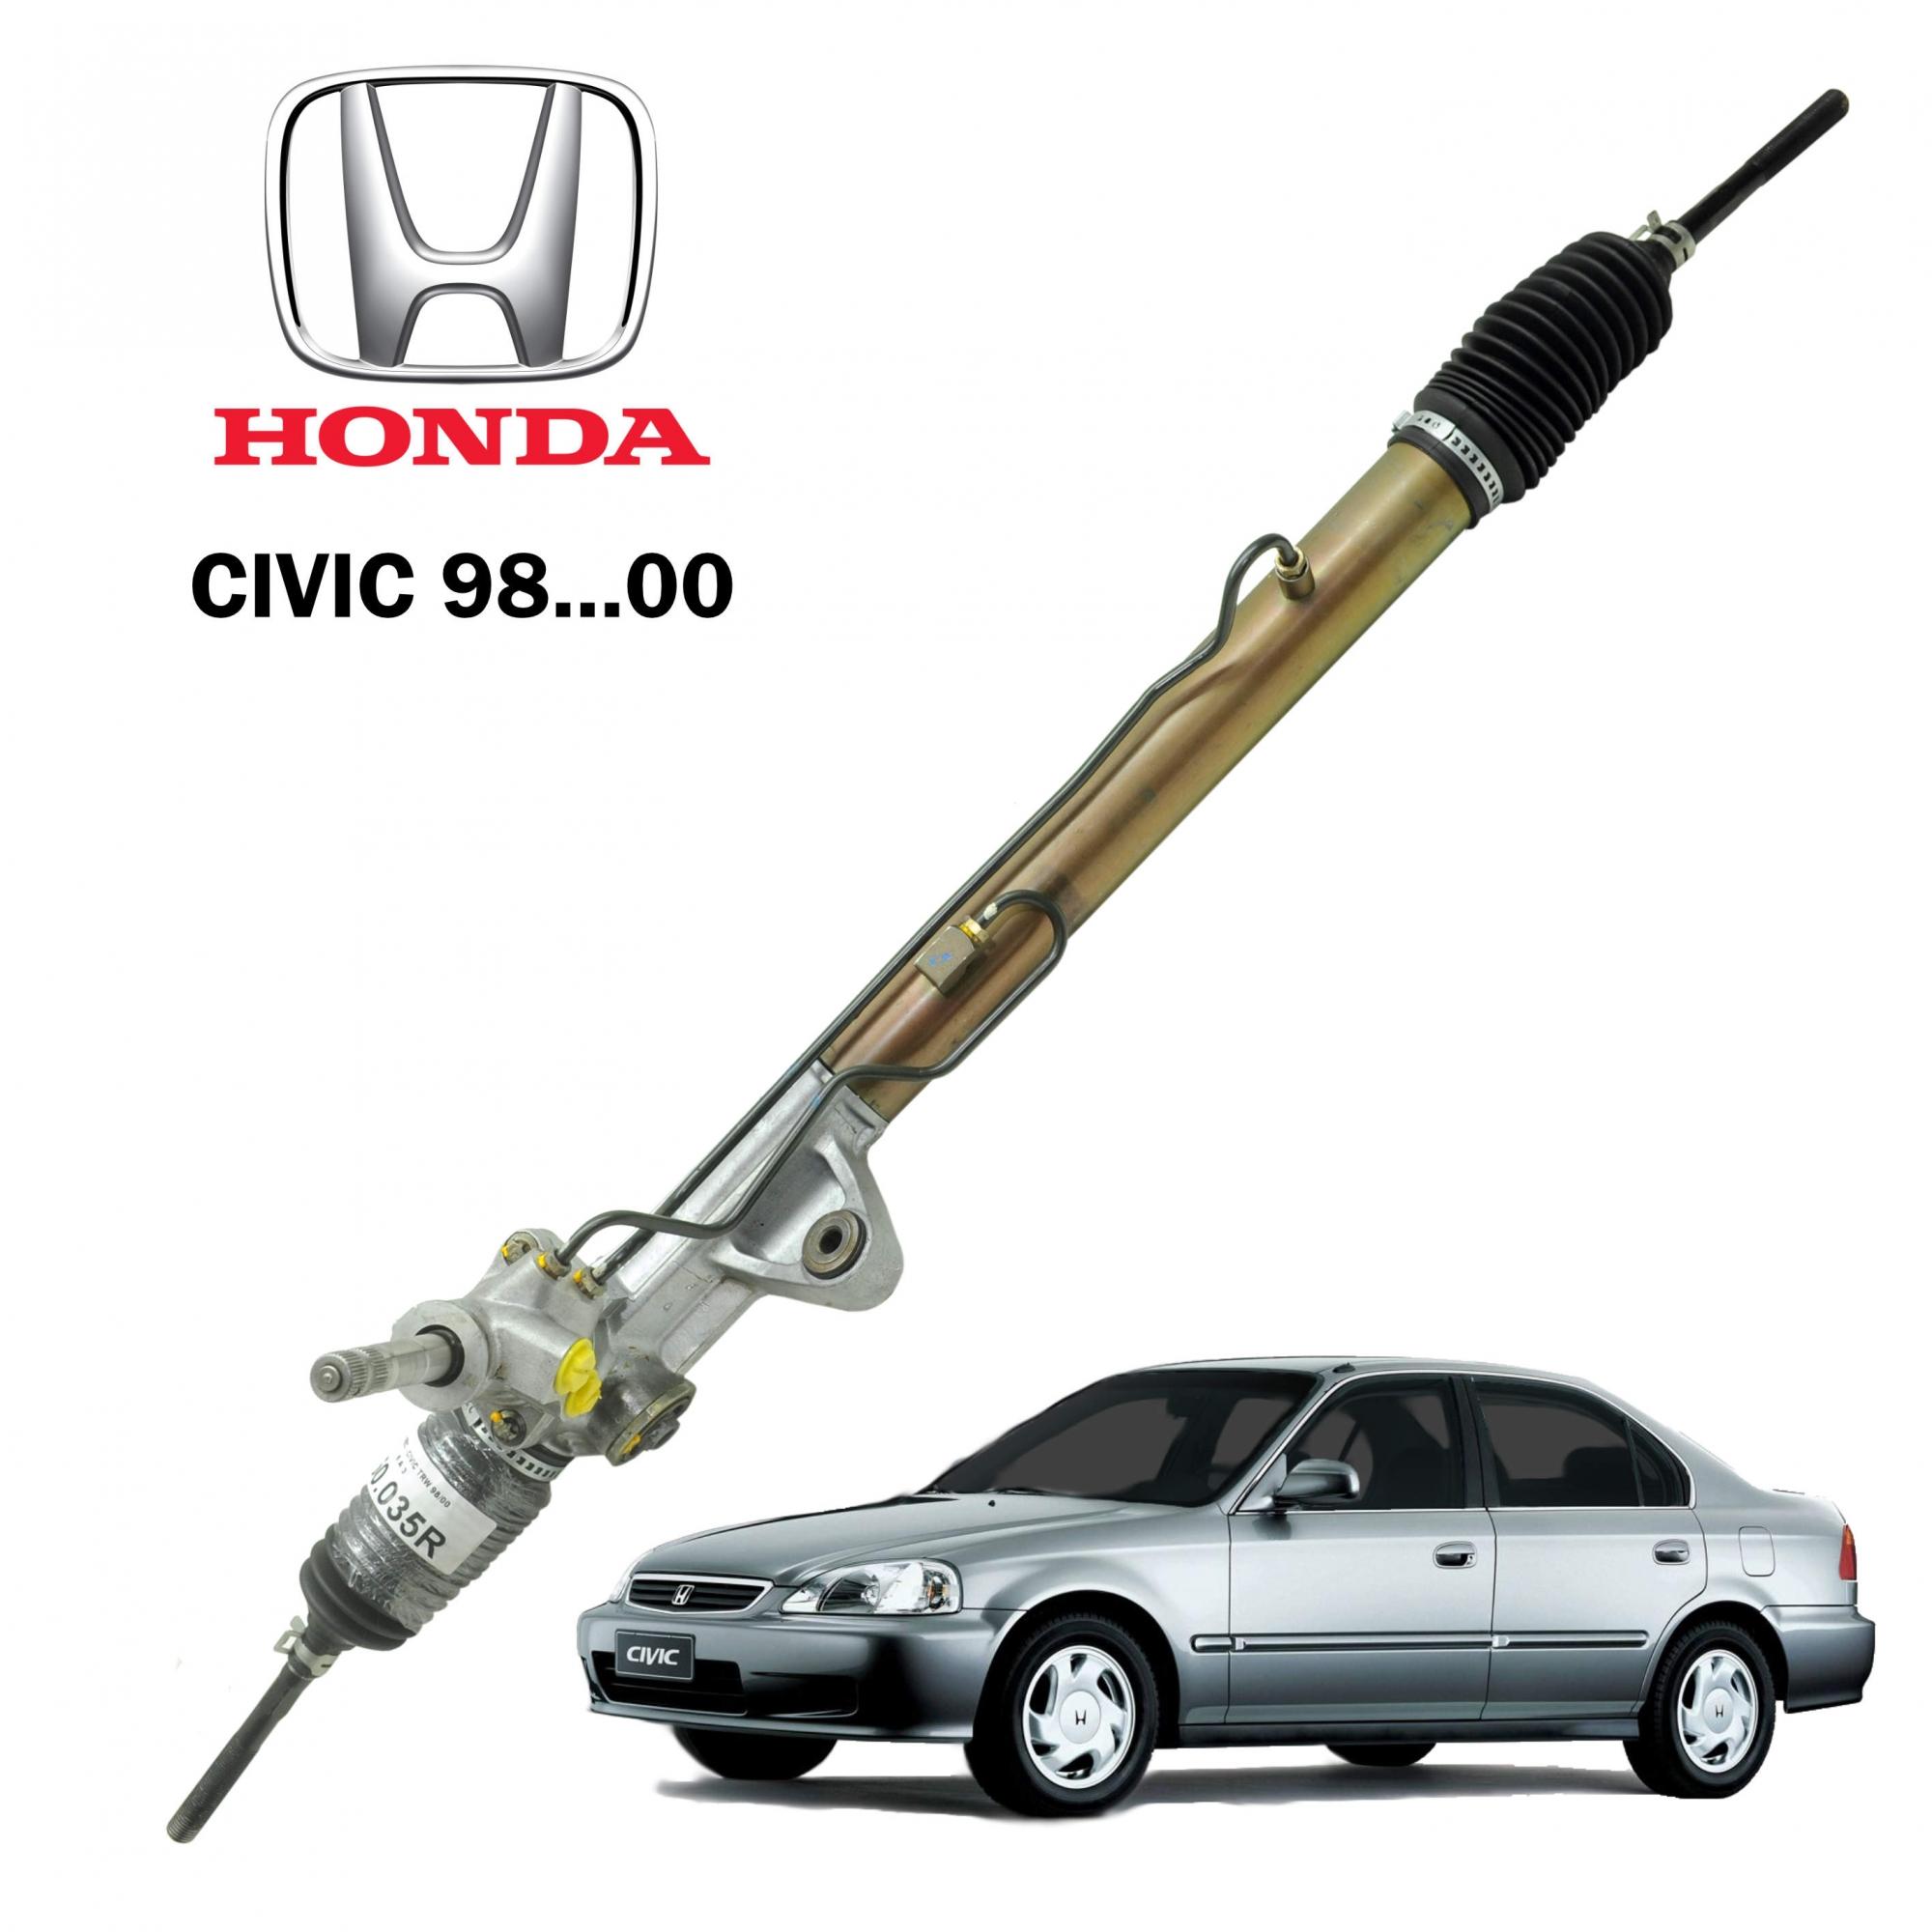 Caixa Direção Hidráulica TRW Honda Civic 98...00